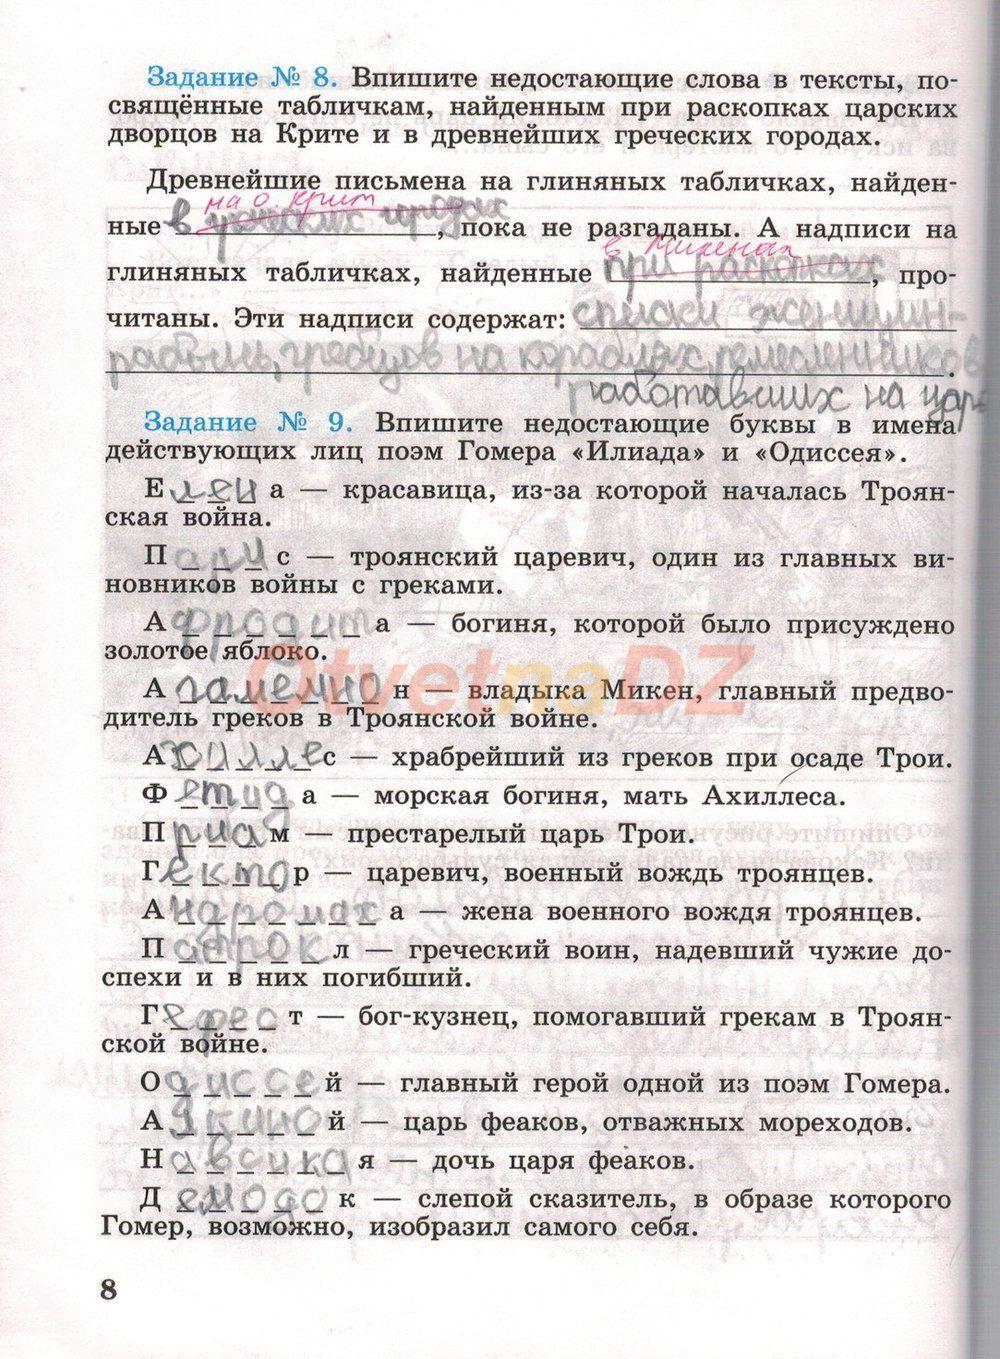 Учебник английского языка для начальной школы часть13 класс биболетова м.з